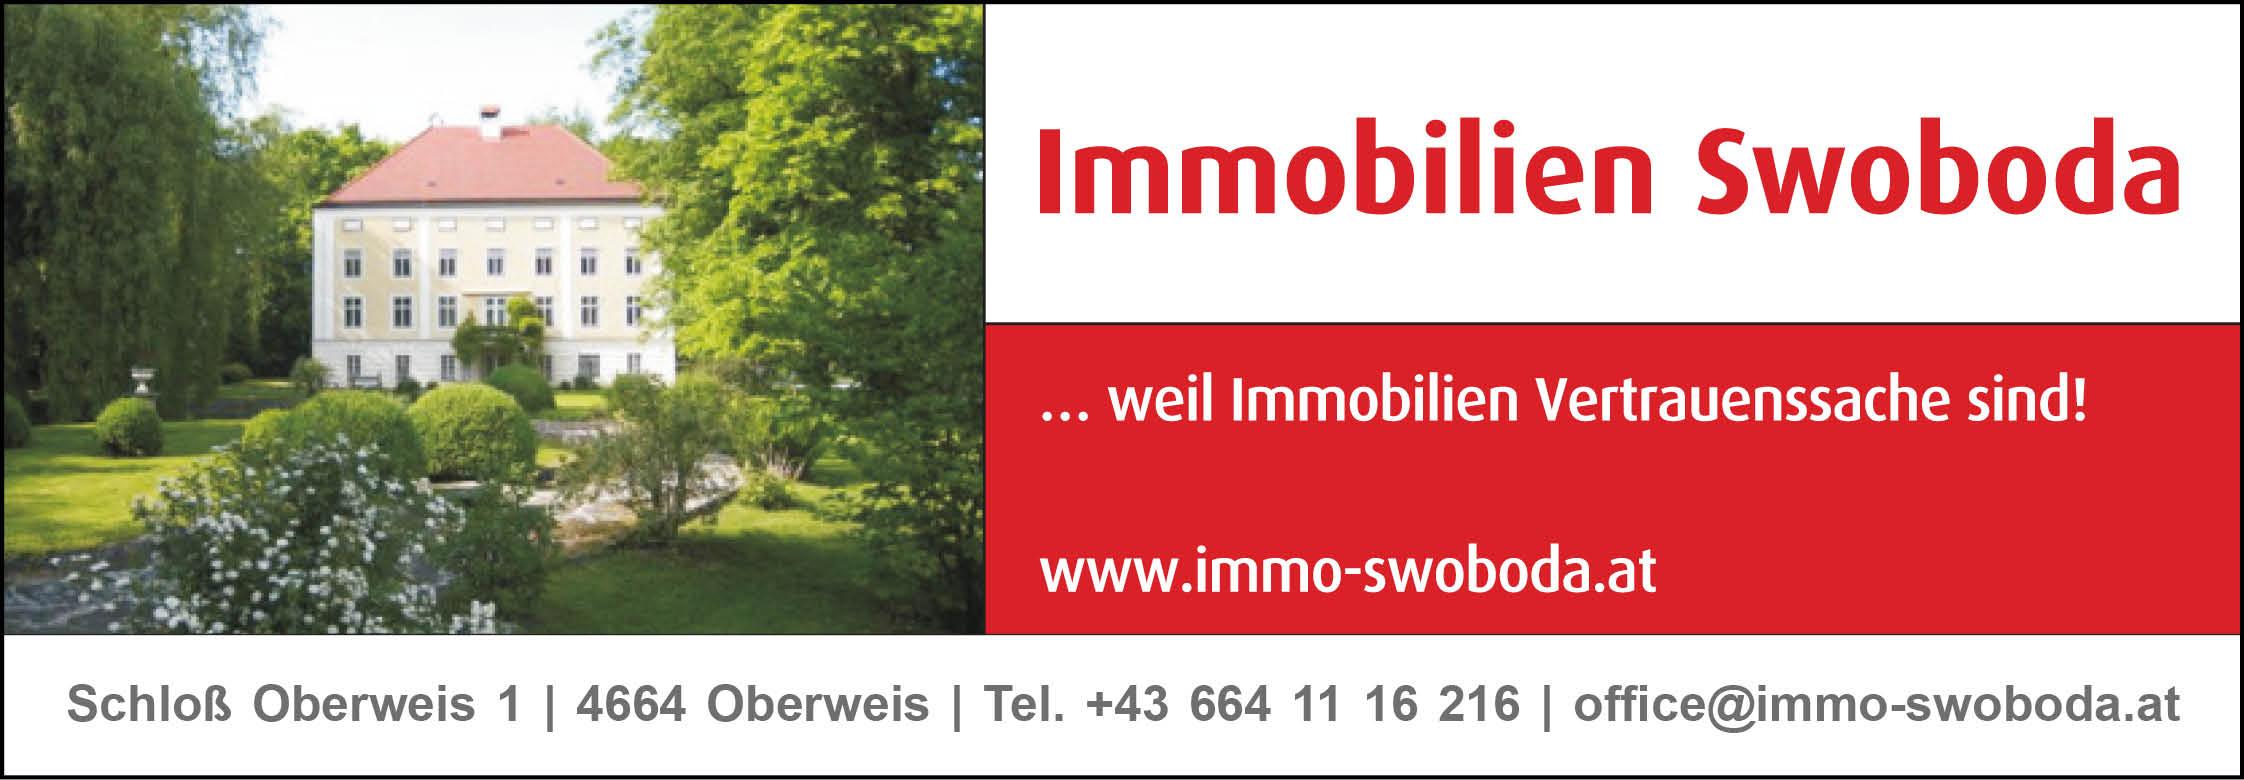 Immobilien Swoboda Logo